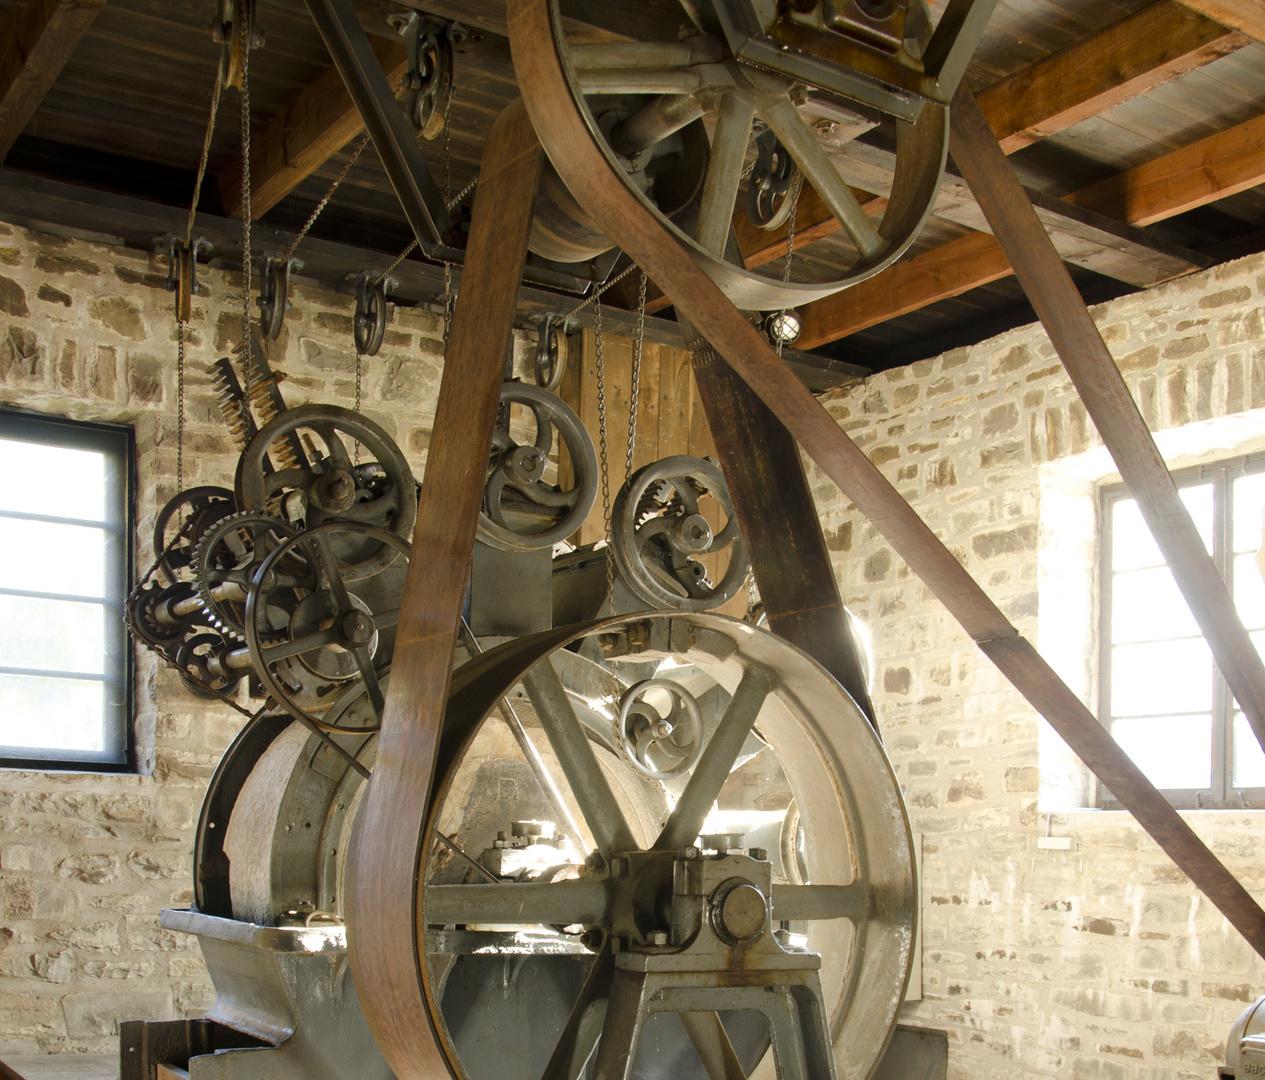 BEEINDRUCKEND  Maschinenausschnitt von einem HOLZSCHLIFFAPPARAT  für Papier- und Pappeherstellung